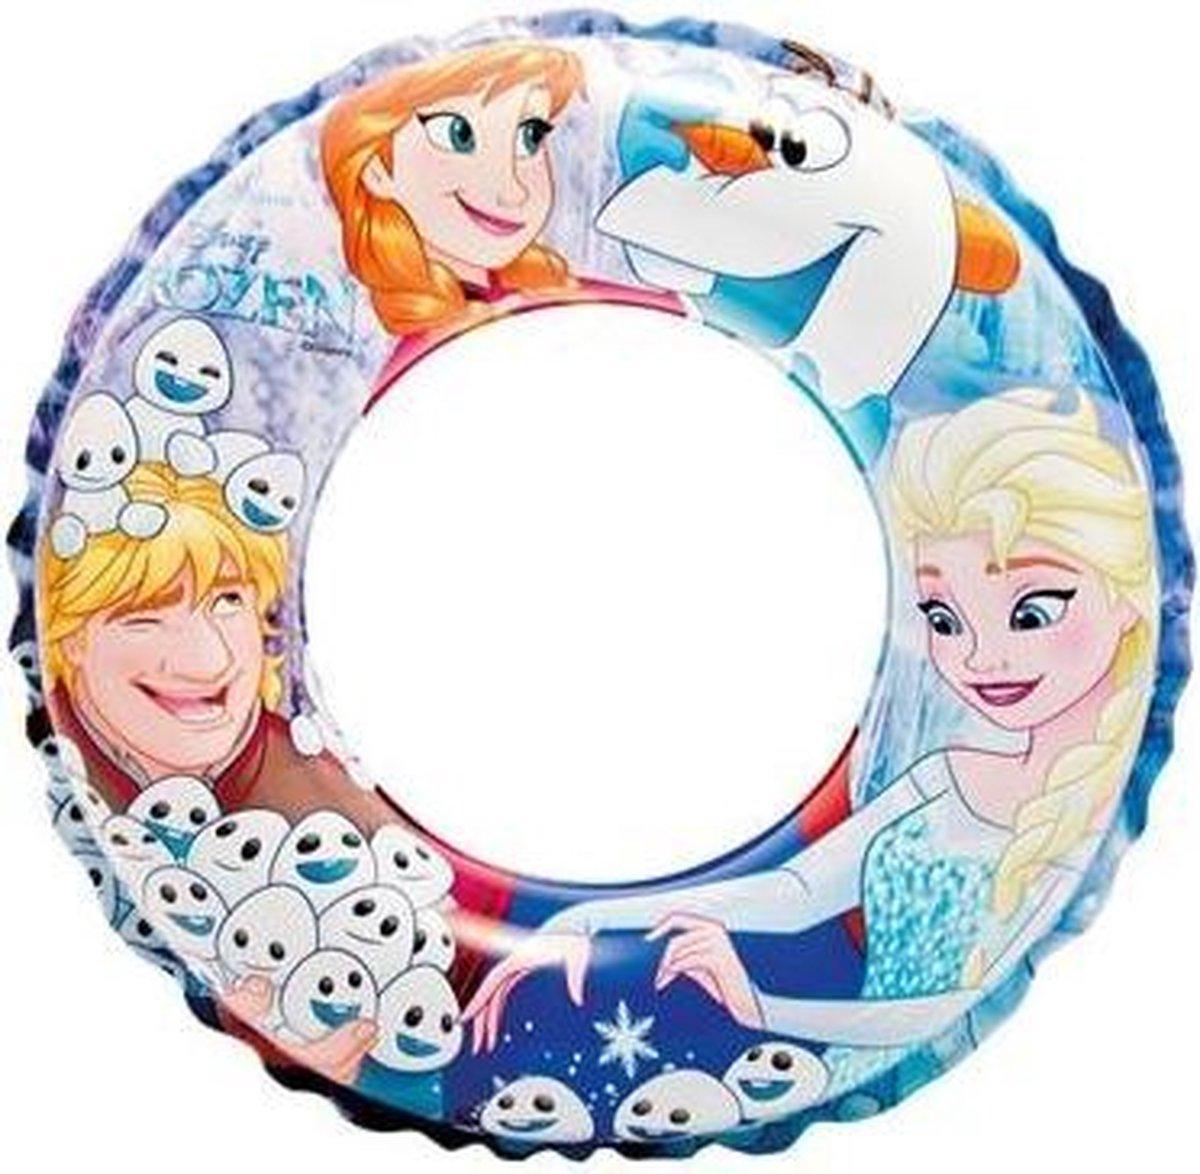 Intex Disney Frozen Zwemring - Zwemband - vanaf 3 jaar